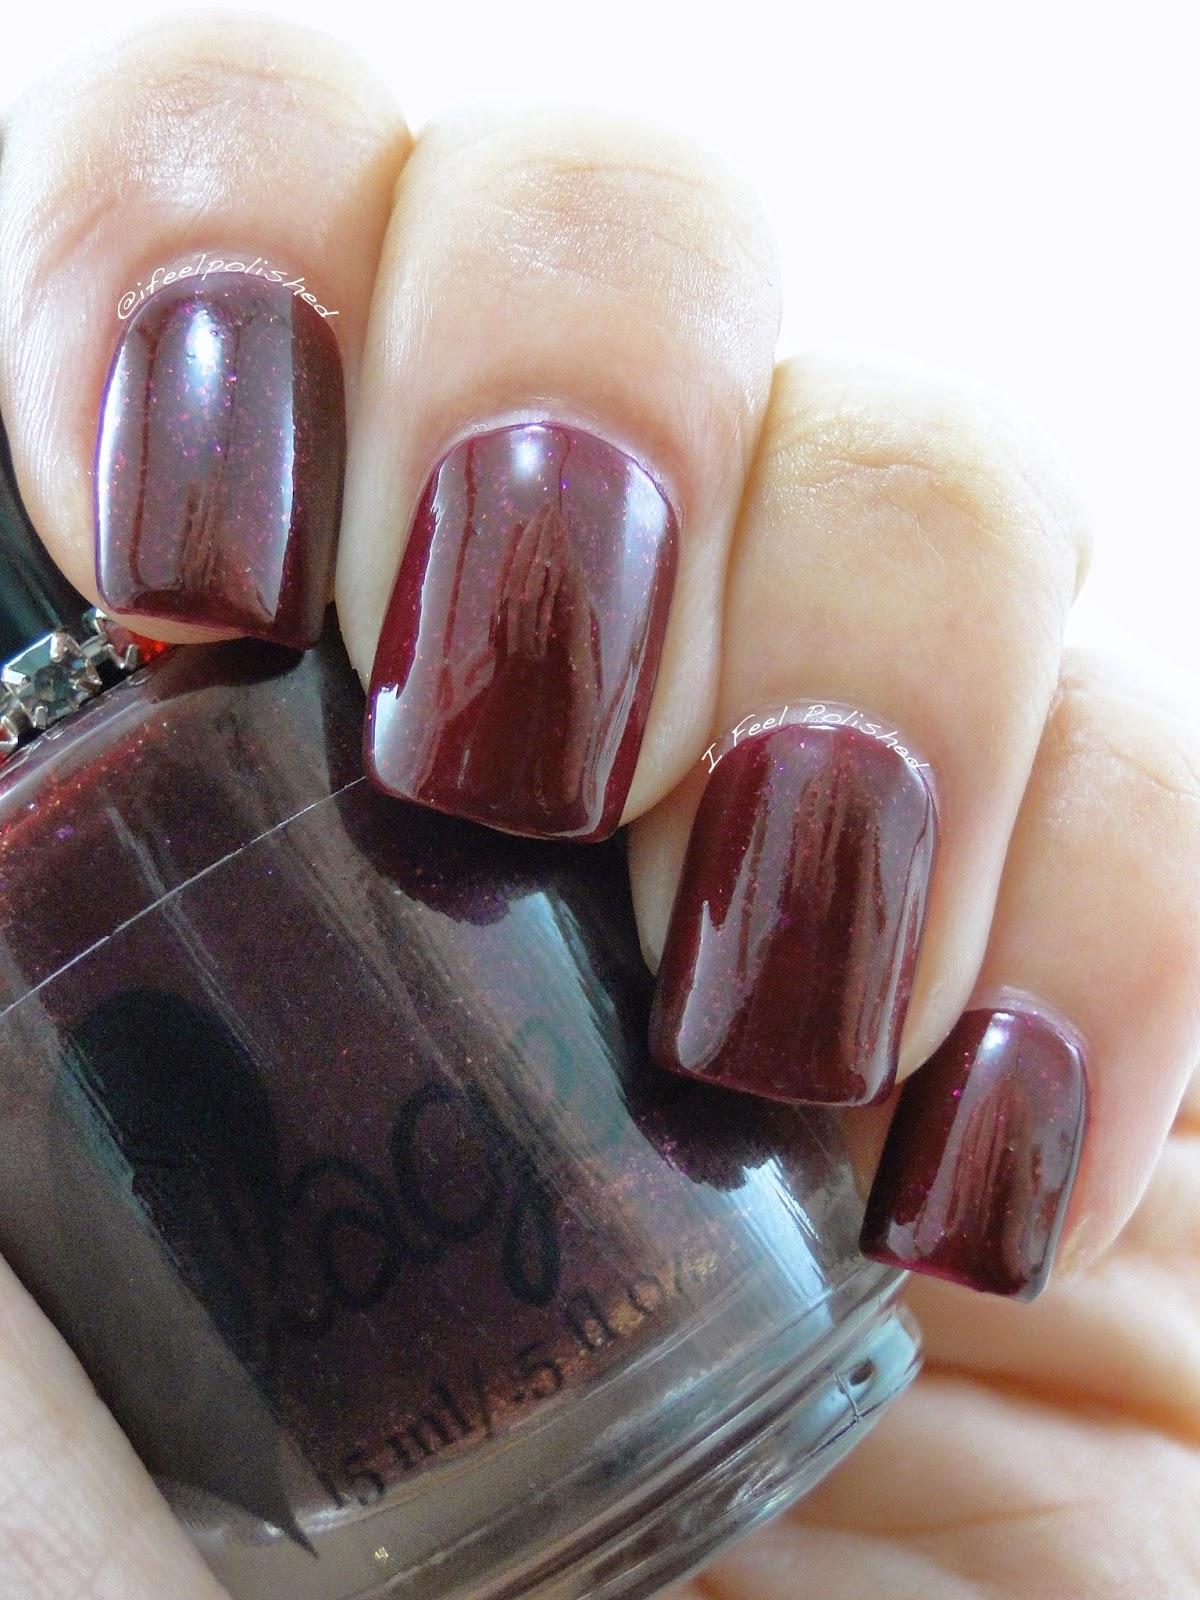 ellagee Glimmering Garnet